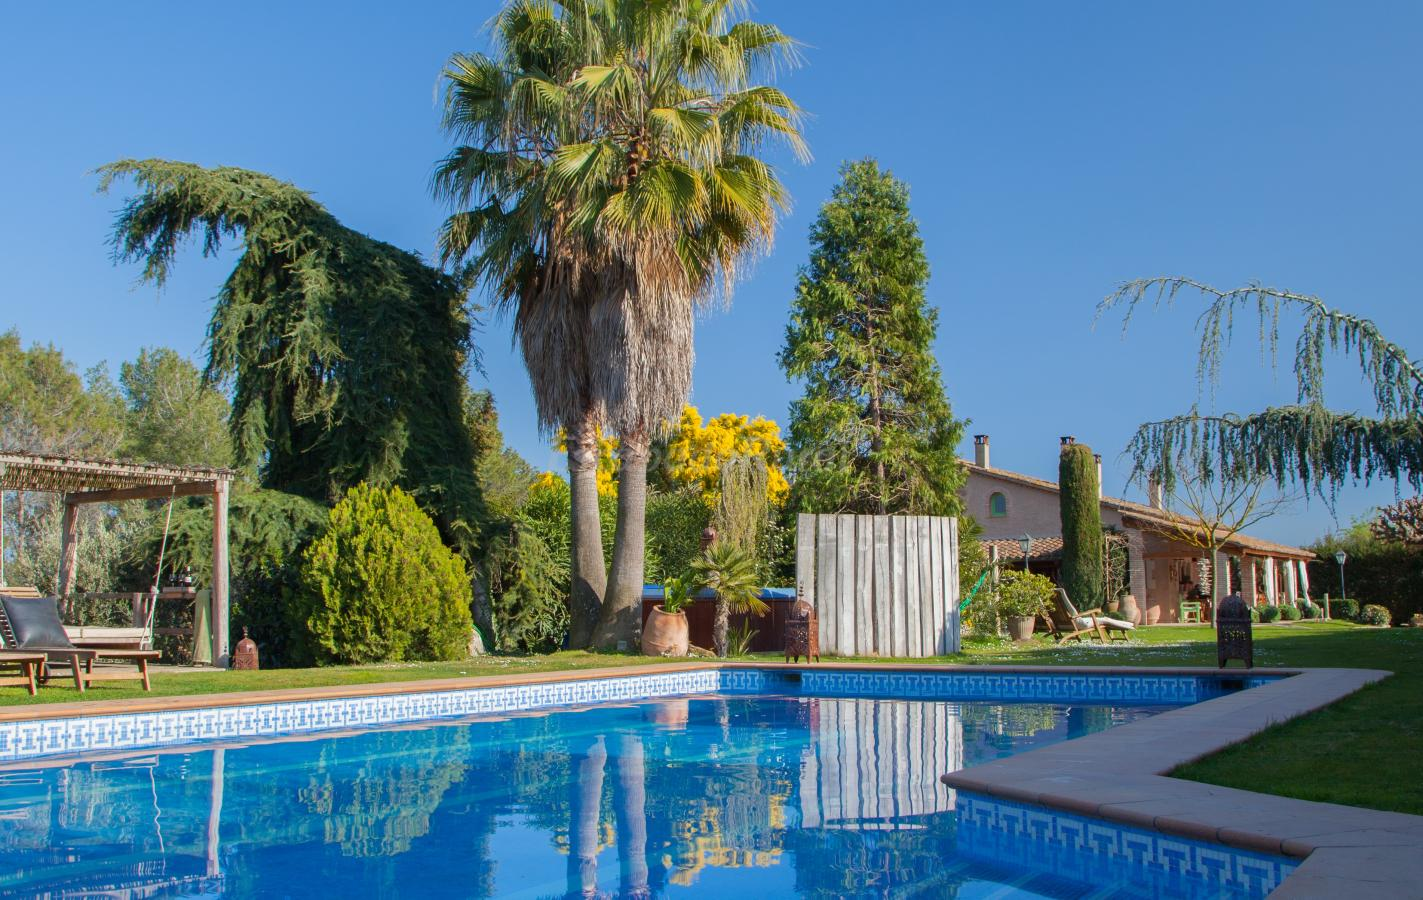 Fotos de can caponet casa rural en lli d 39 amunt barcelona - Can caponet casa rural ...